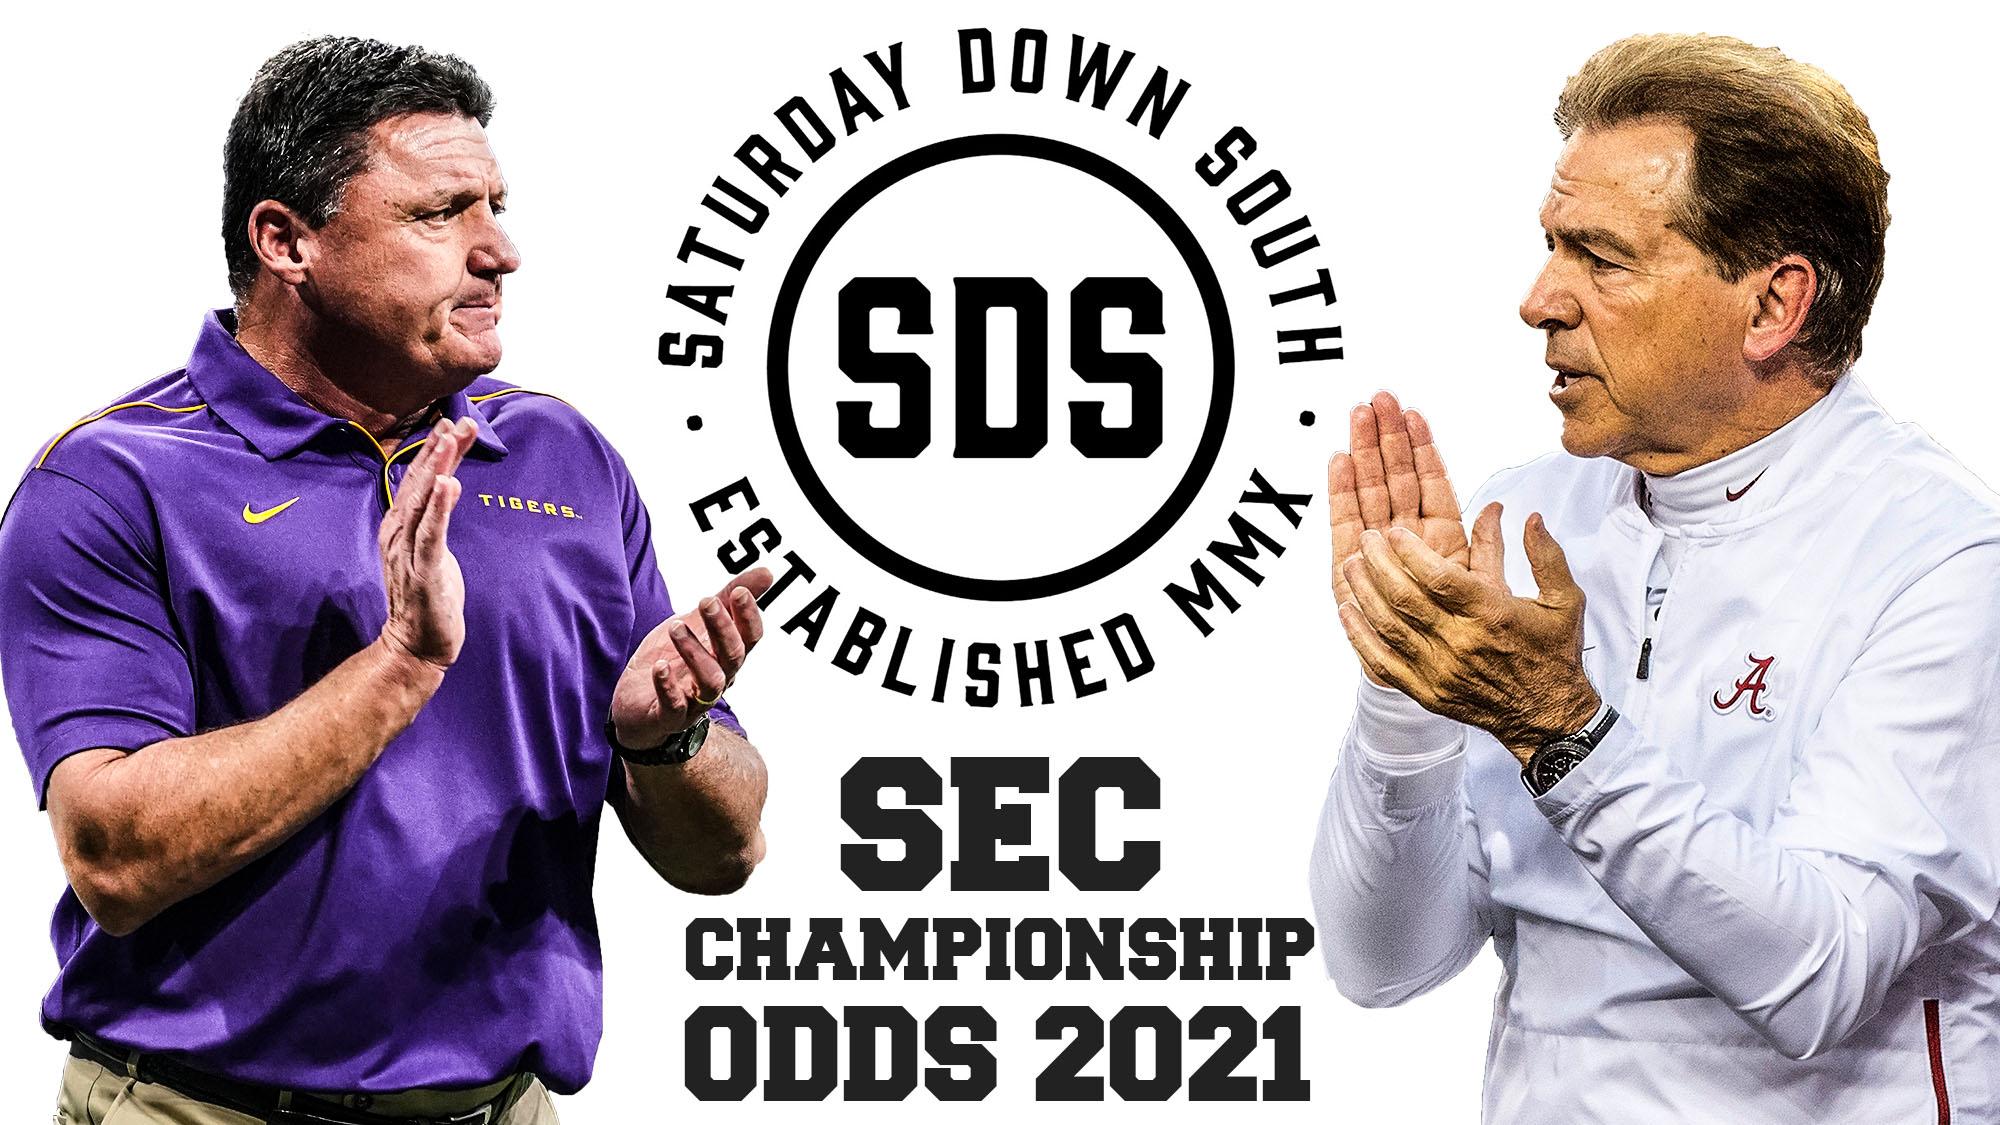 SEC Championship Odds 2021, Ed Orgeron, Nick Saban